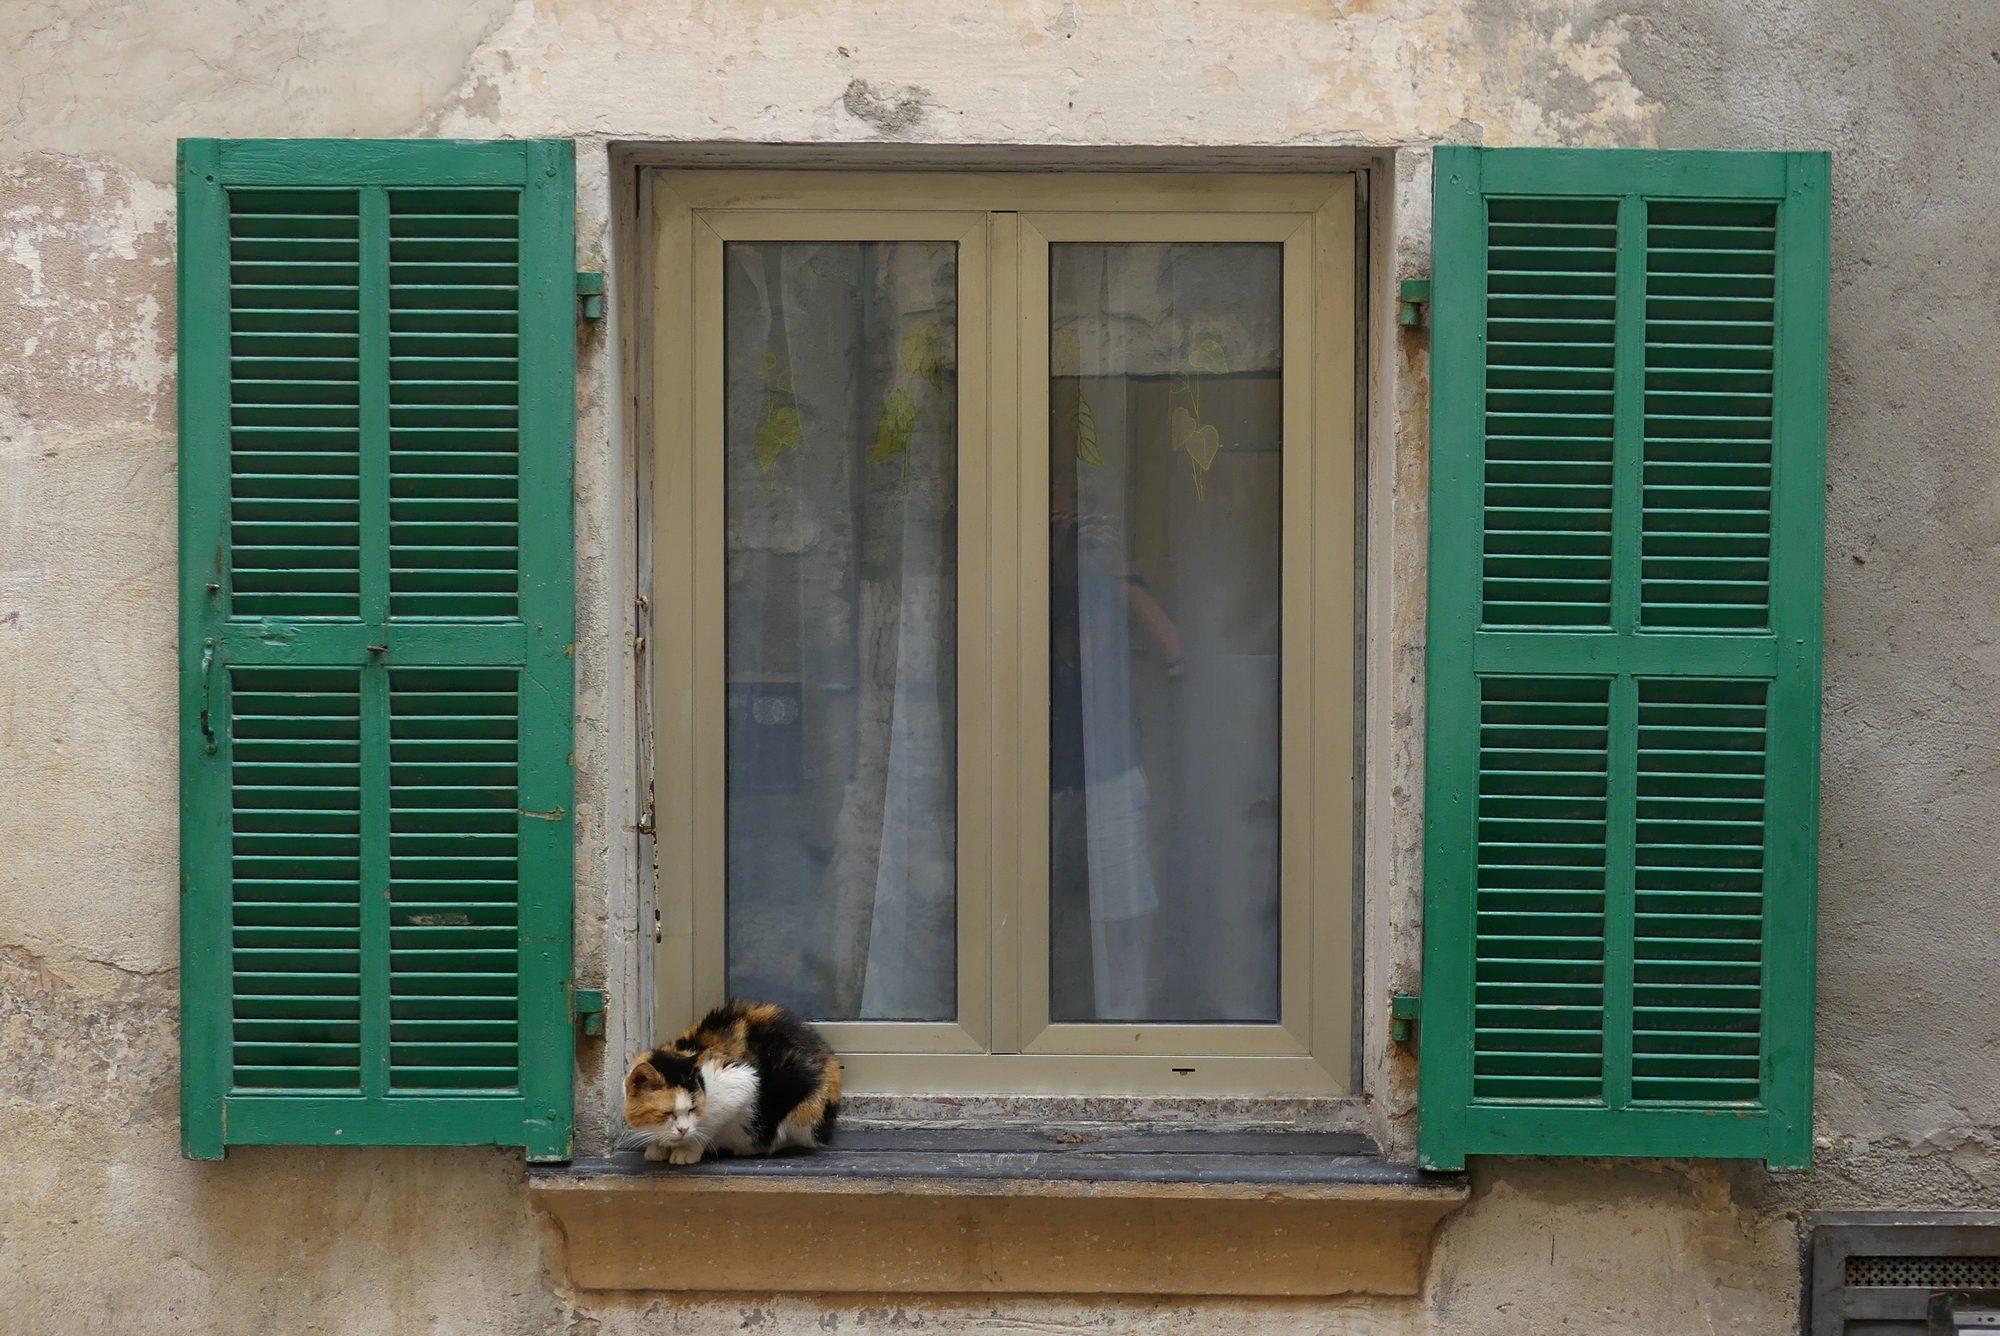 Fenster mit Katze in der Altstadt von Ventimiglia Italien